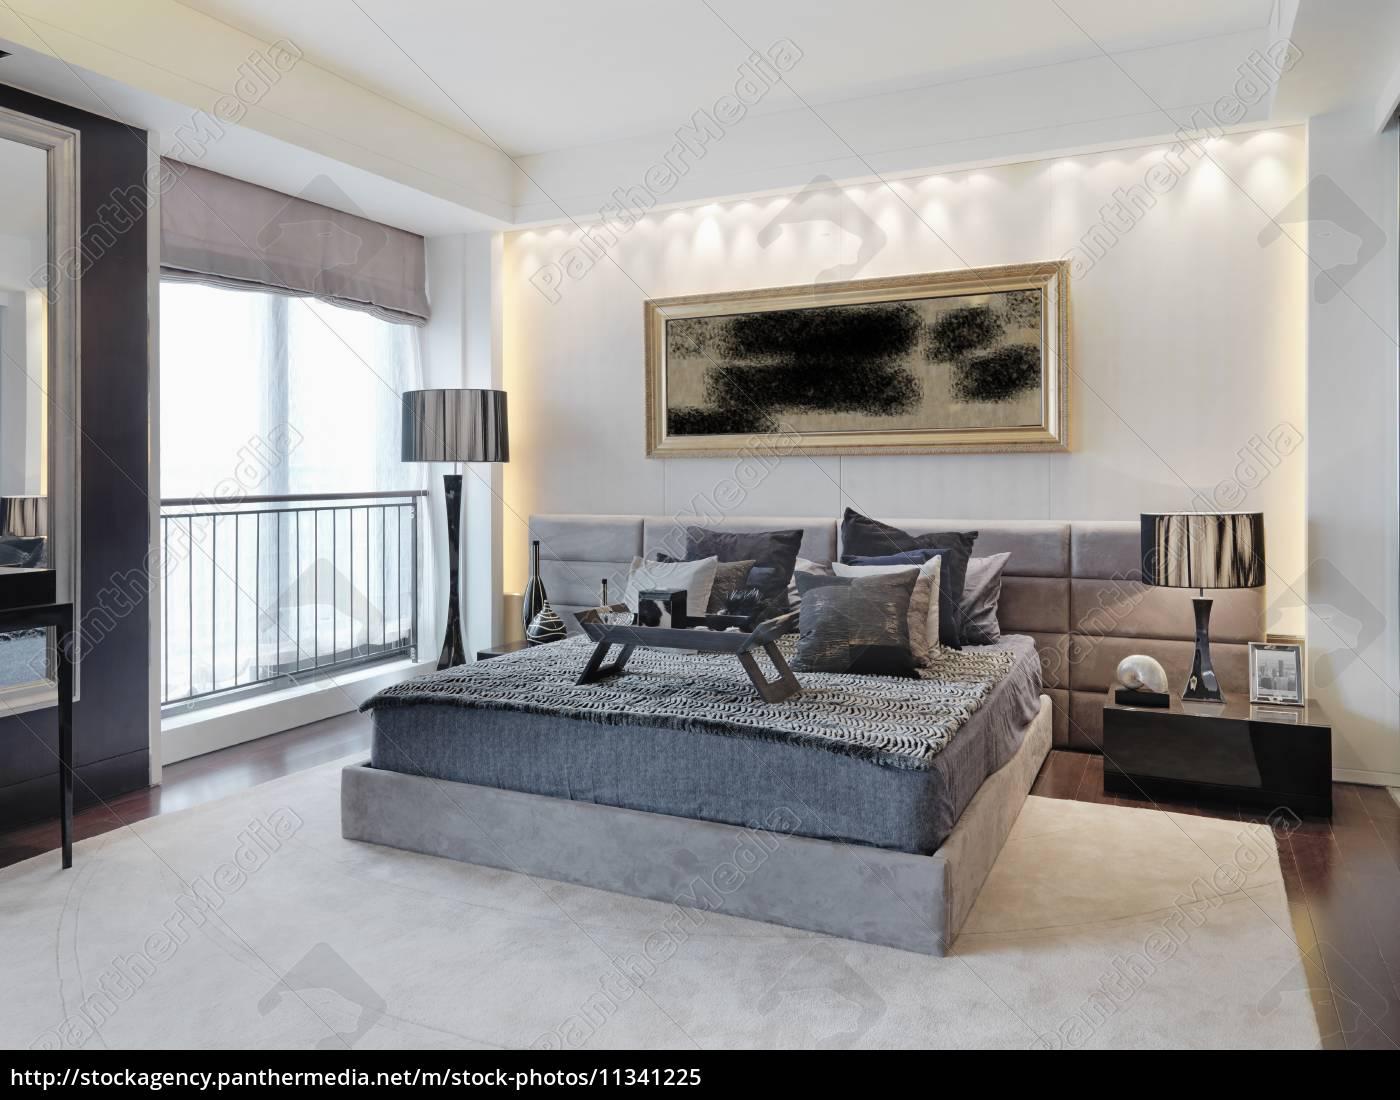 Modernes schlafzimmer grau  grau modernes schlafzimmer - Lizenzfreies Bild - #11341225 ...